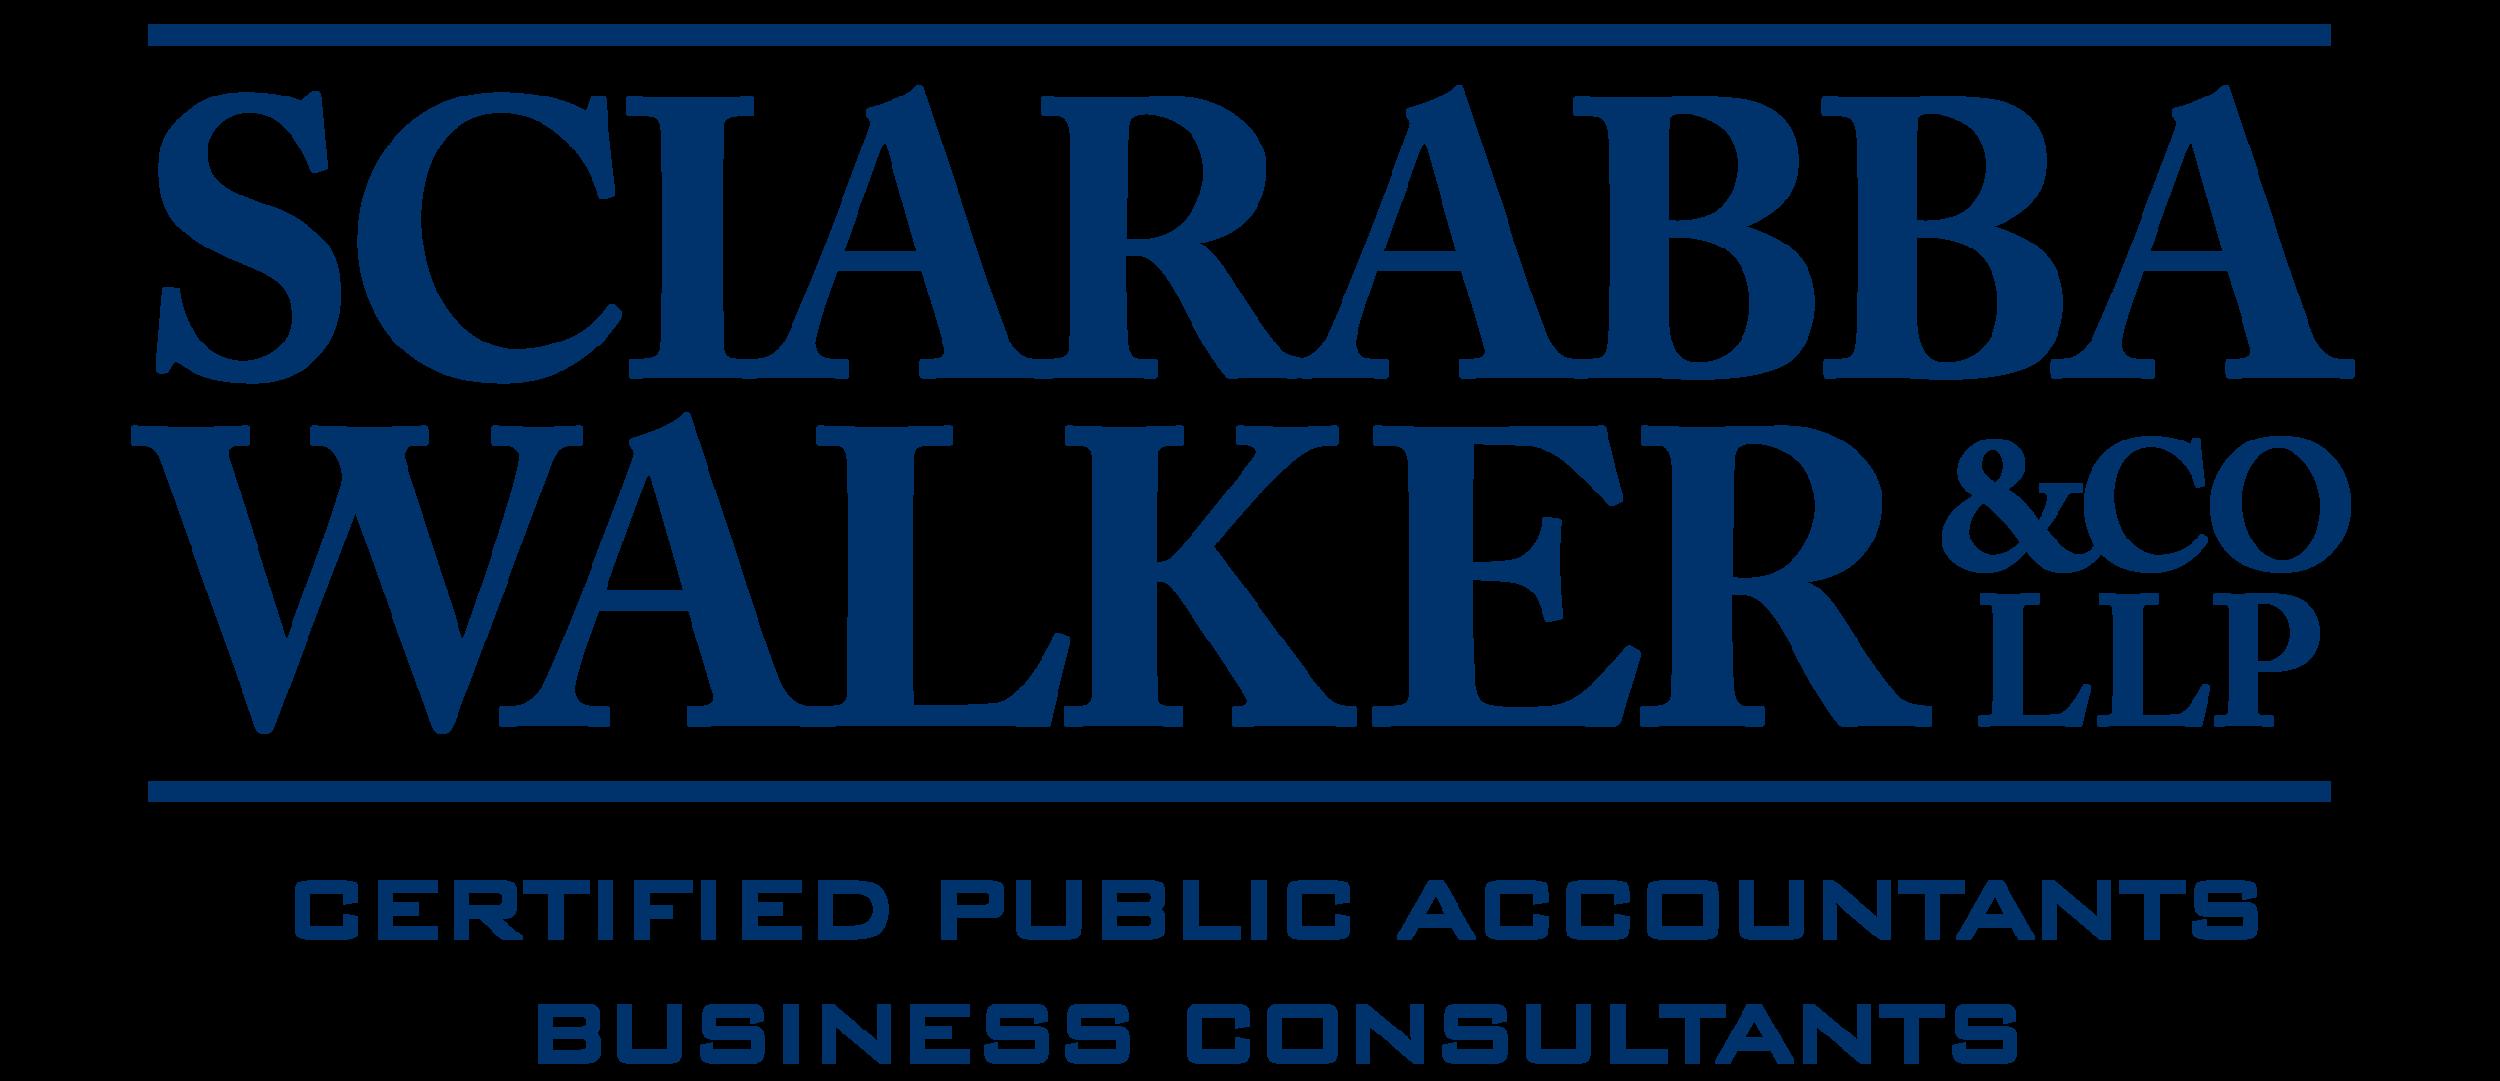 Sciarabba Walker & Co LLP